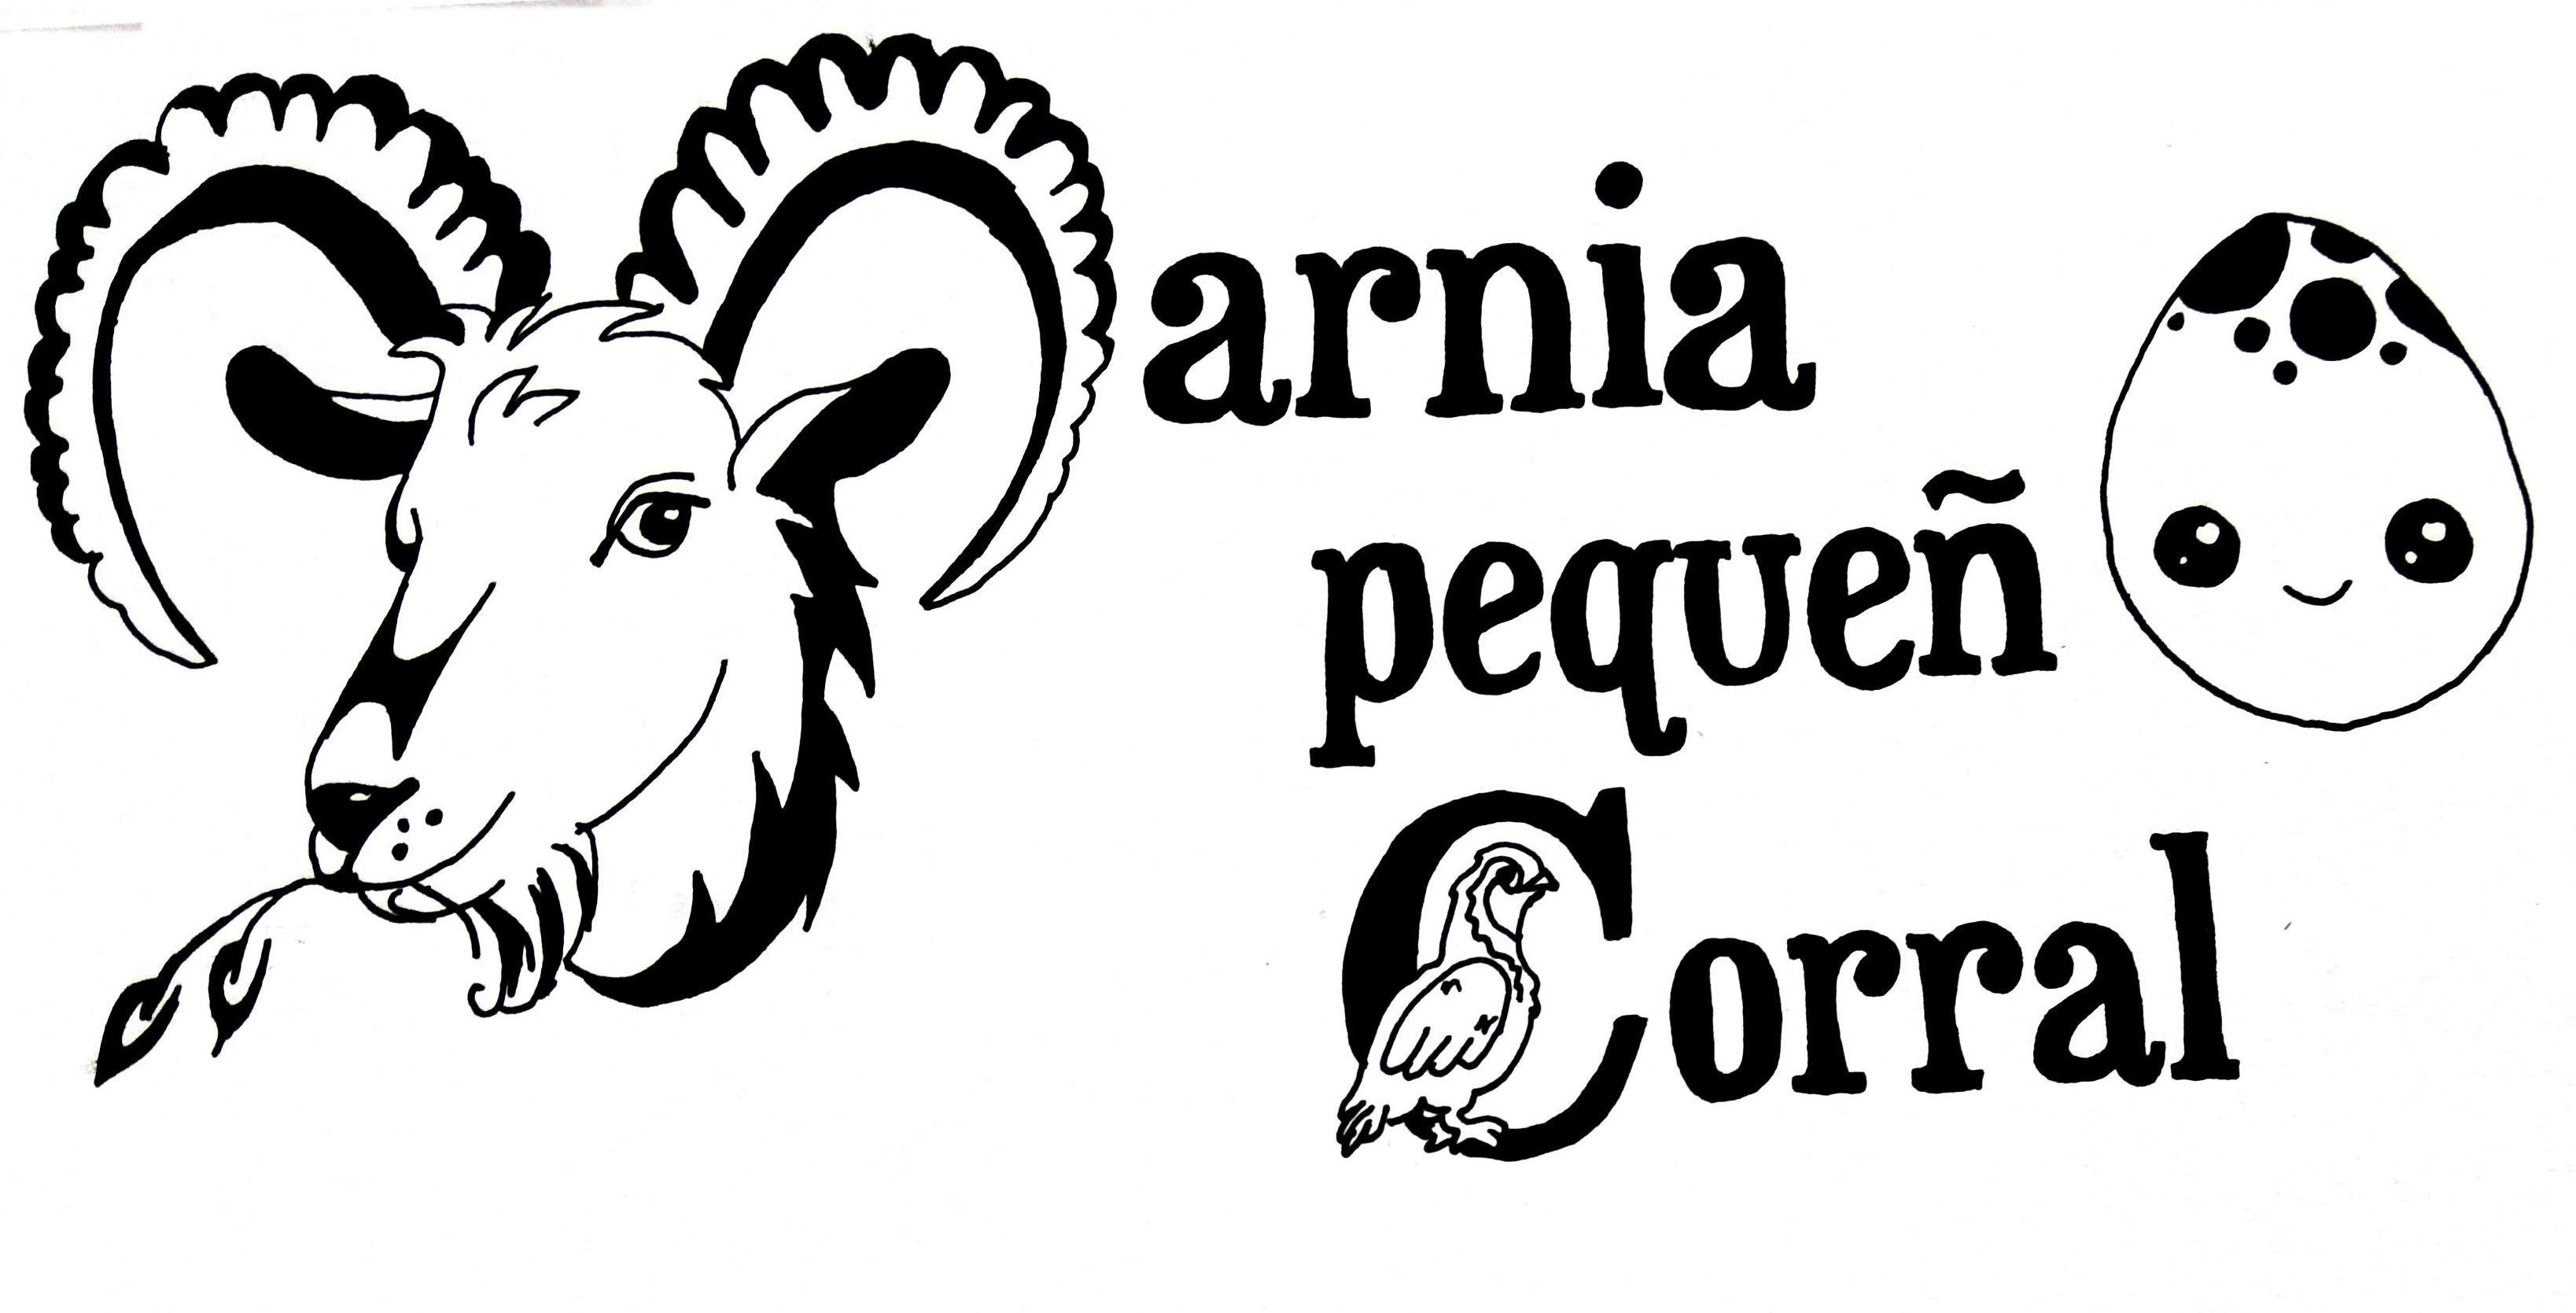 Marnia Pequeño Corral